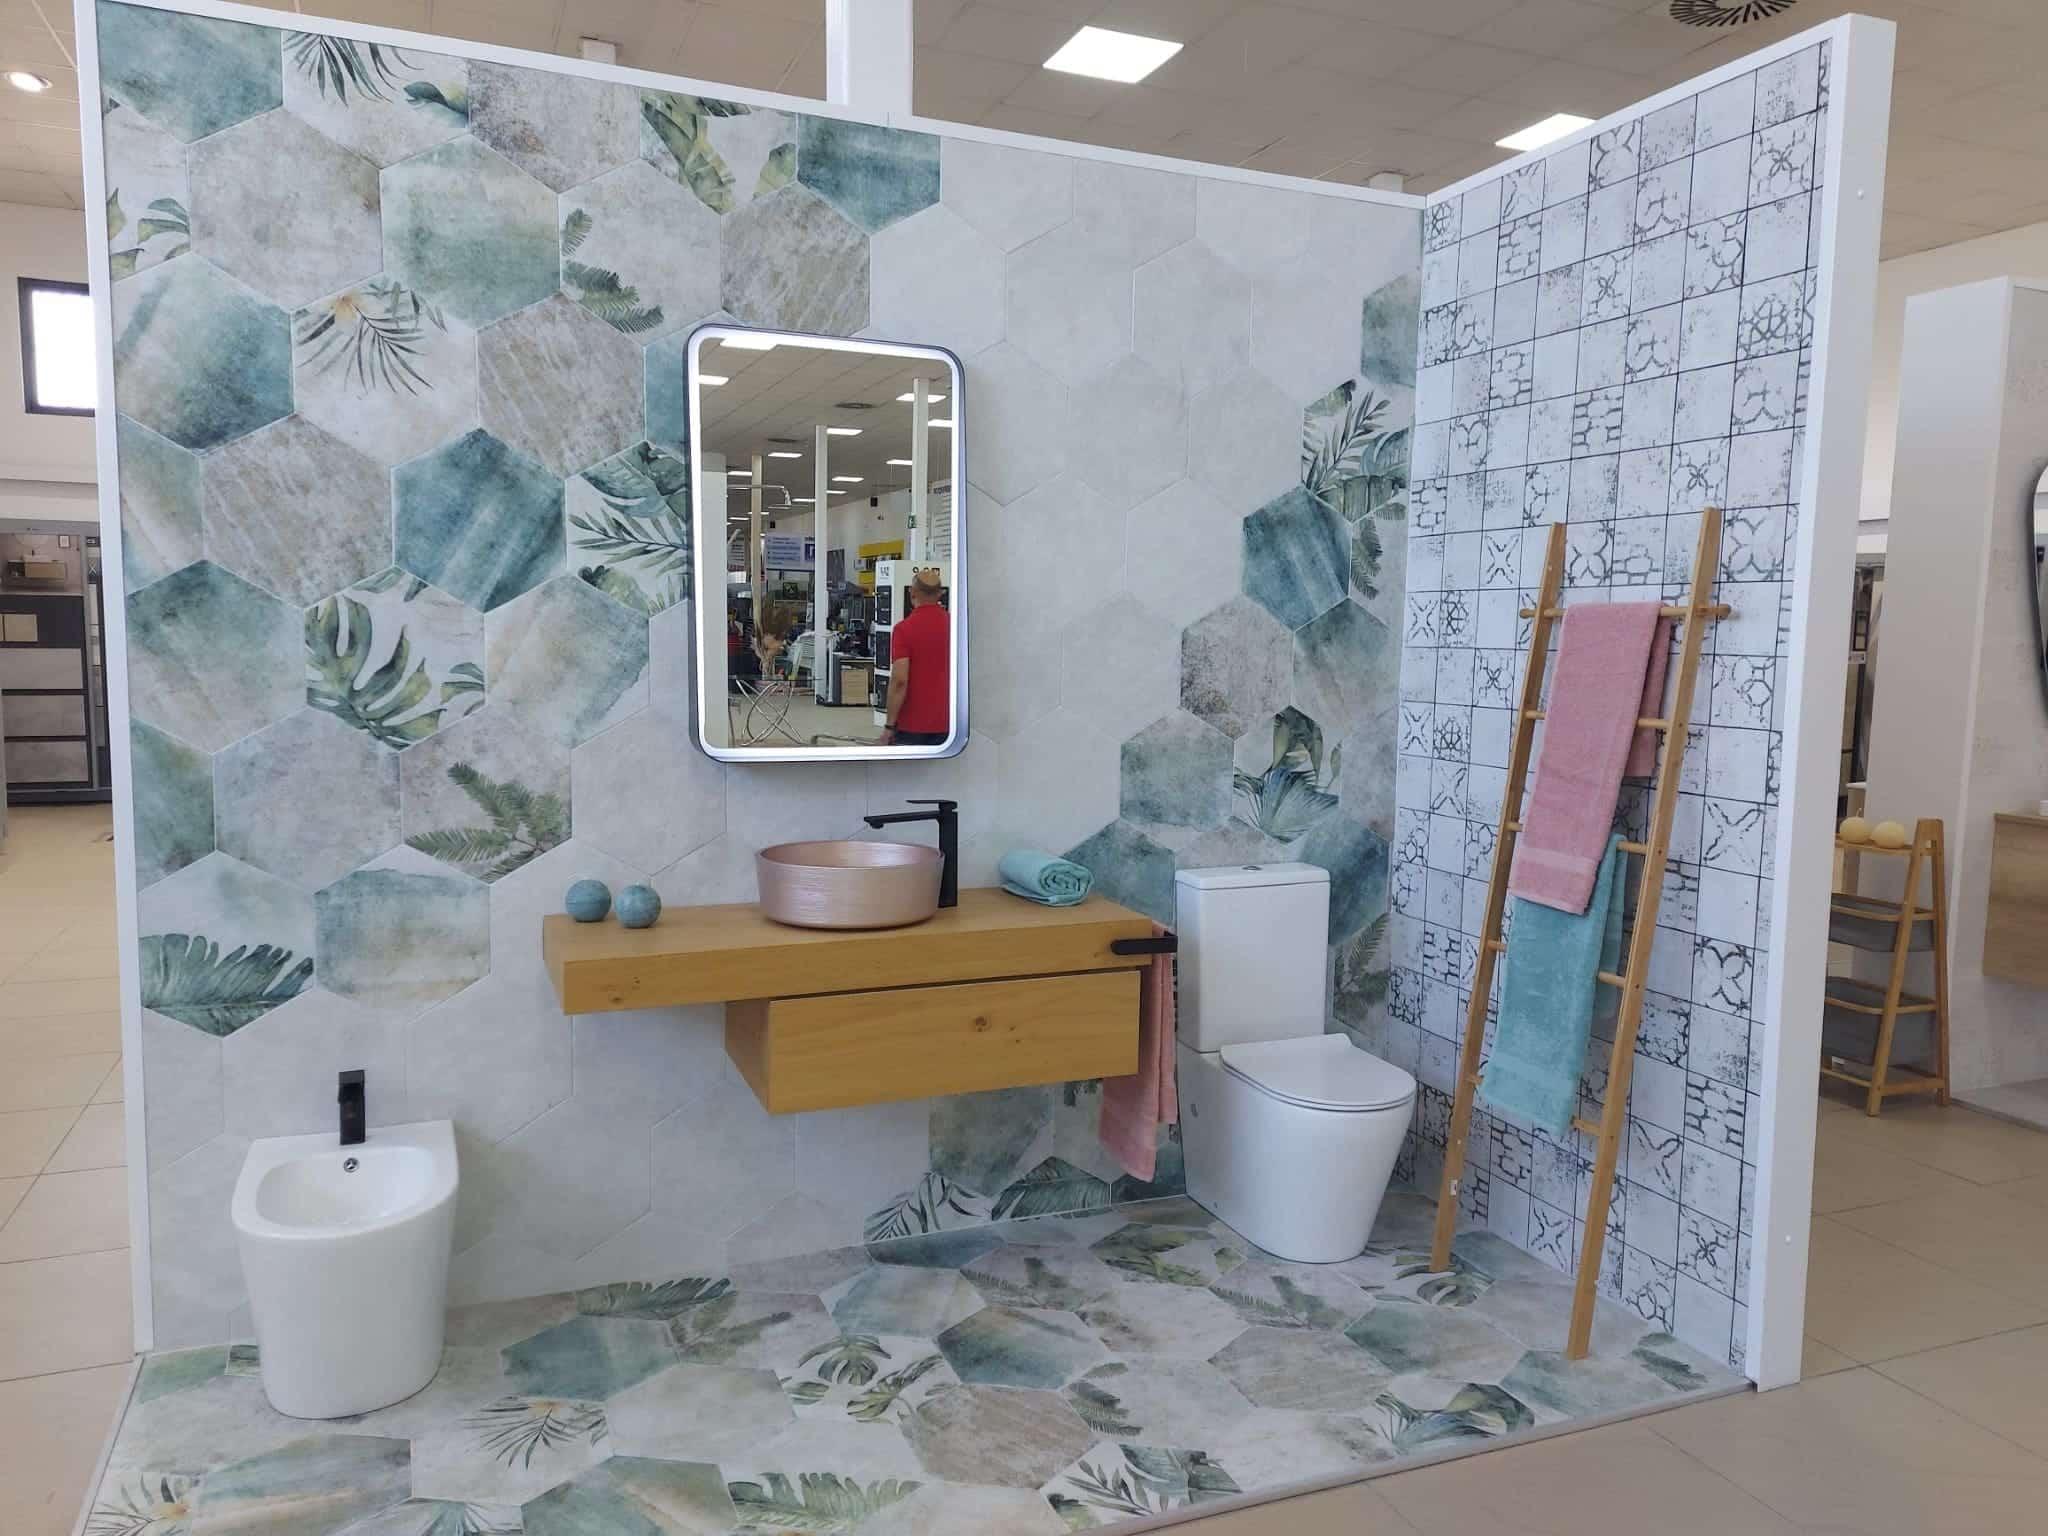 exposicion-bano-azulejos-madera Exposición Azulejos Cerámica y Baño